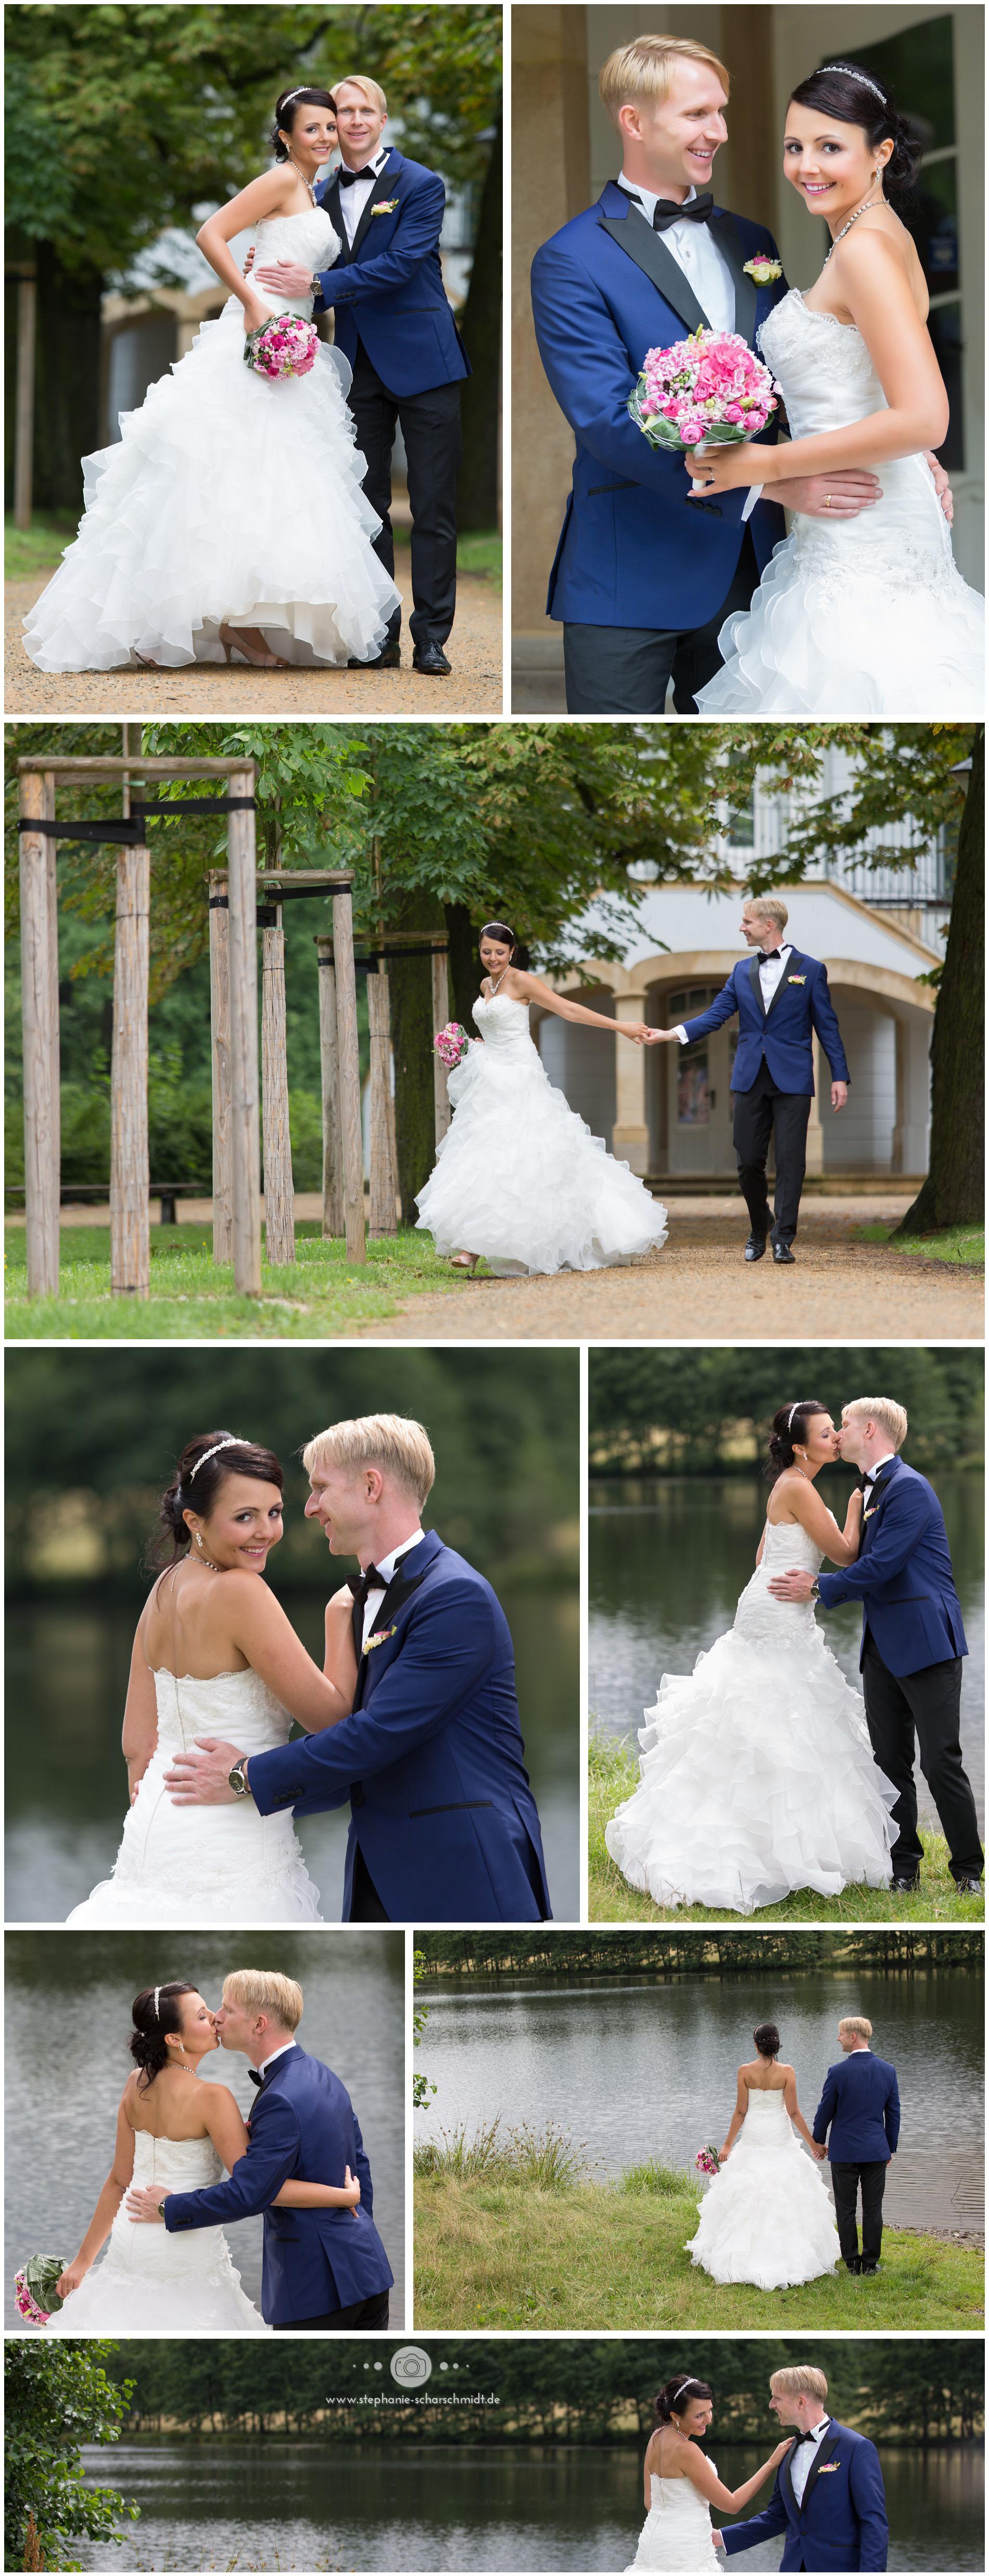 Heiraten in Schönfels  - Hochzeitsfotograf Stephanie Scharschmidt